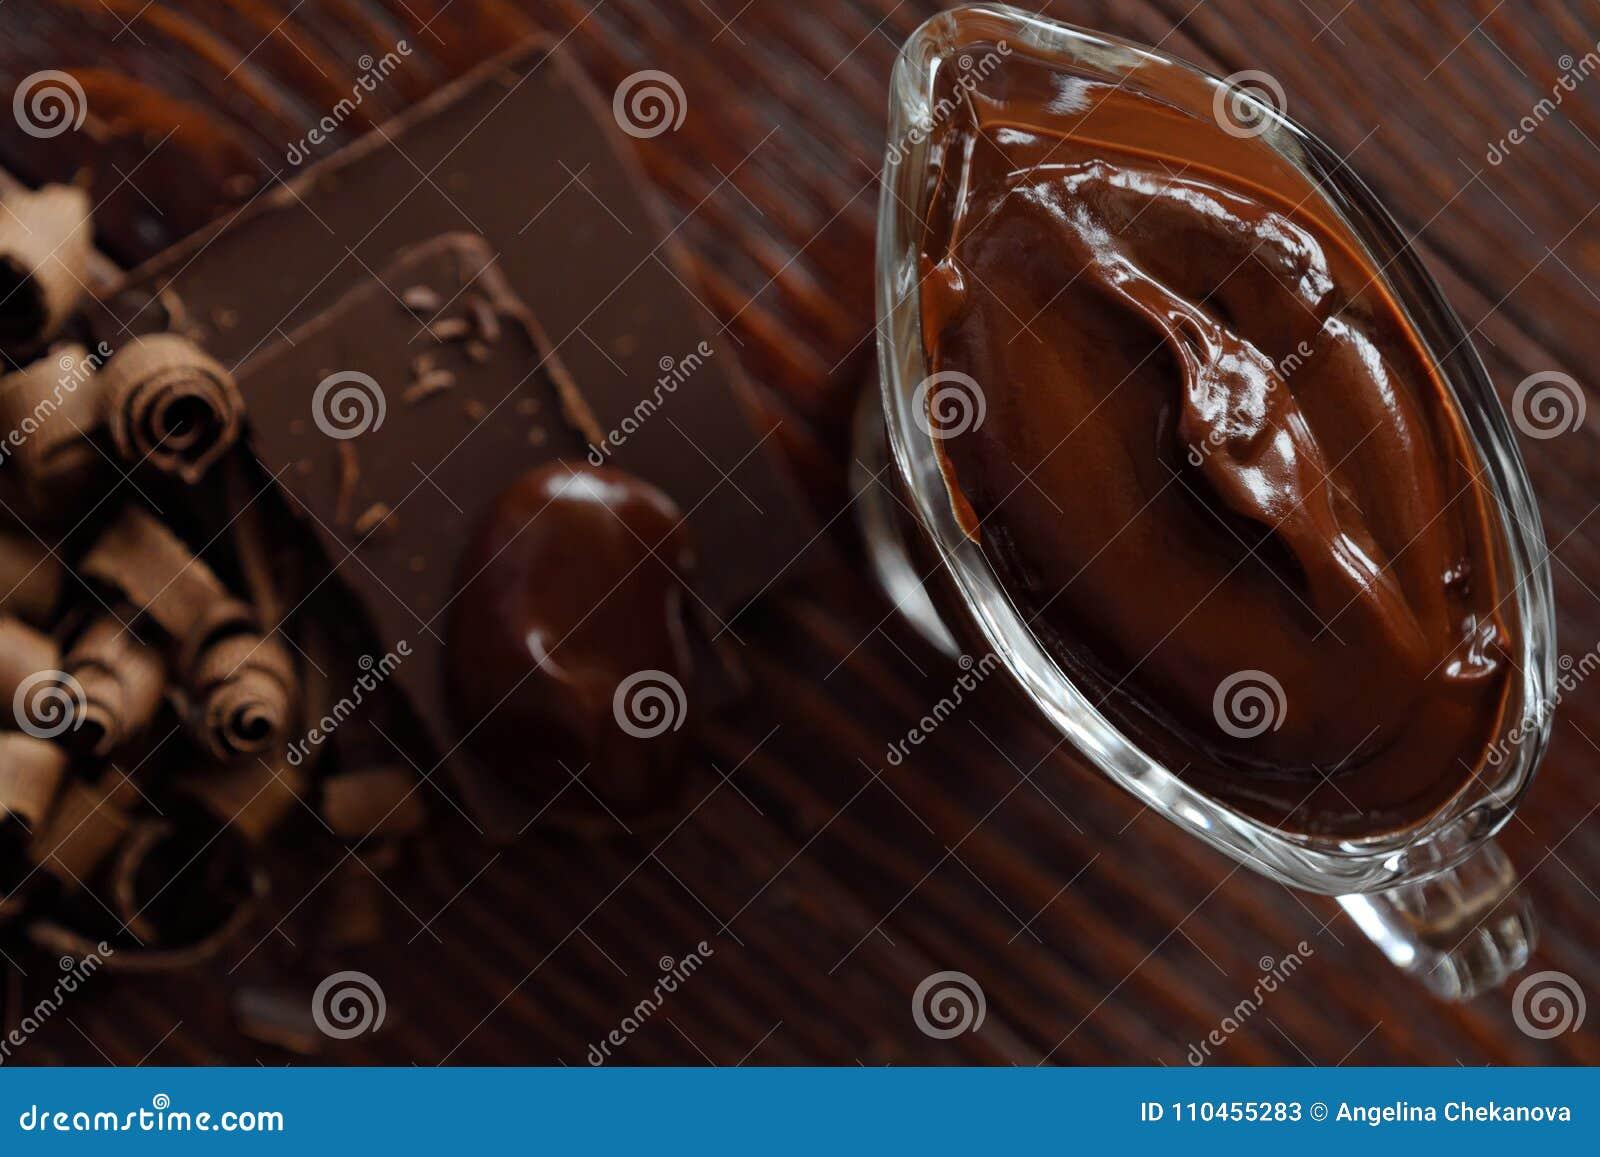 Läcker varm choklad i exponeringsglas på en brun bakgrund